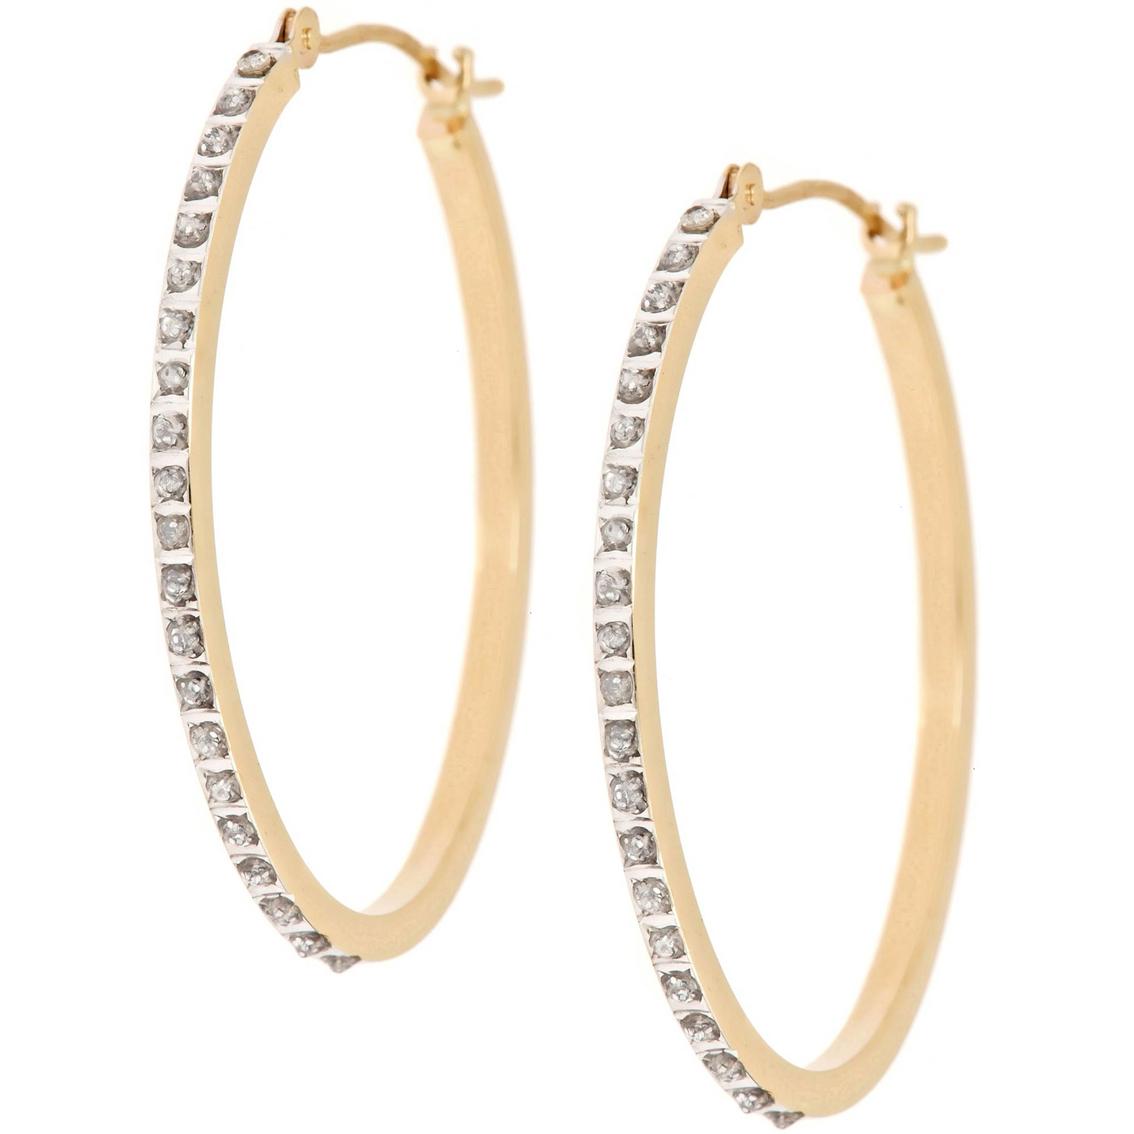 14k Yellow Gold Diamond Fascination Oval Hoop Earrings ...